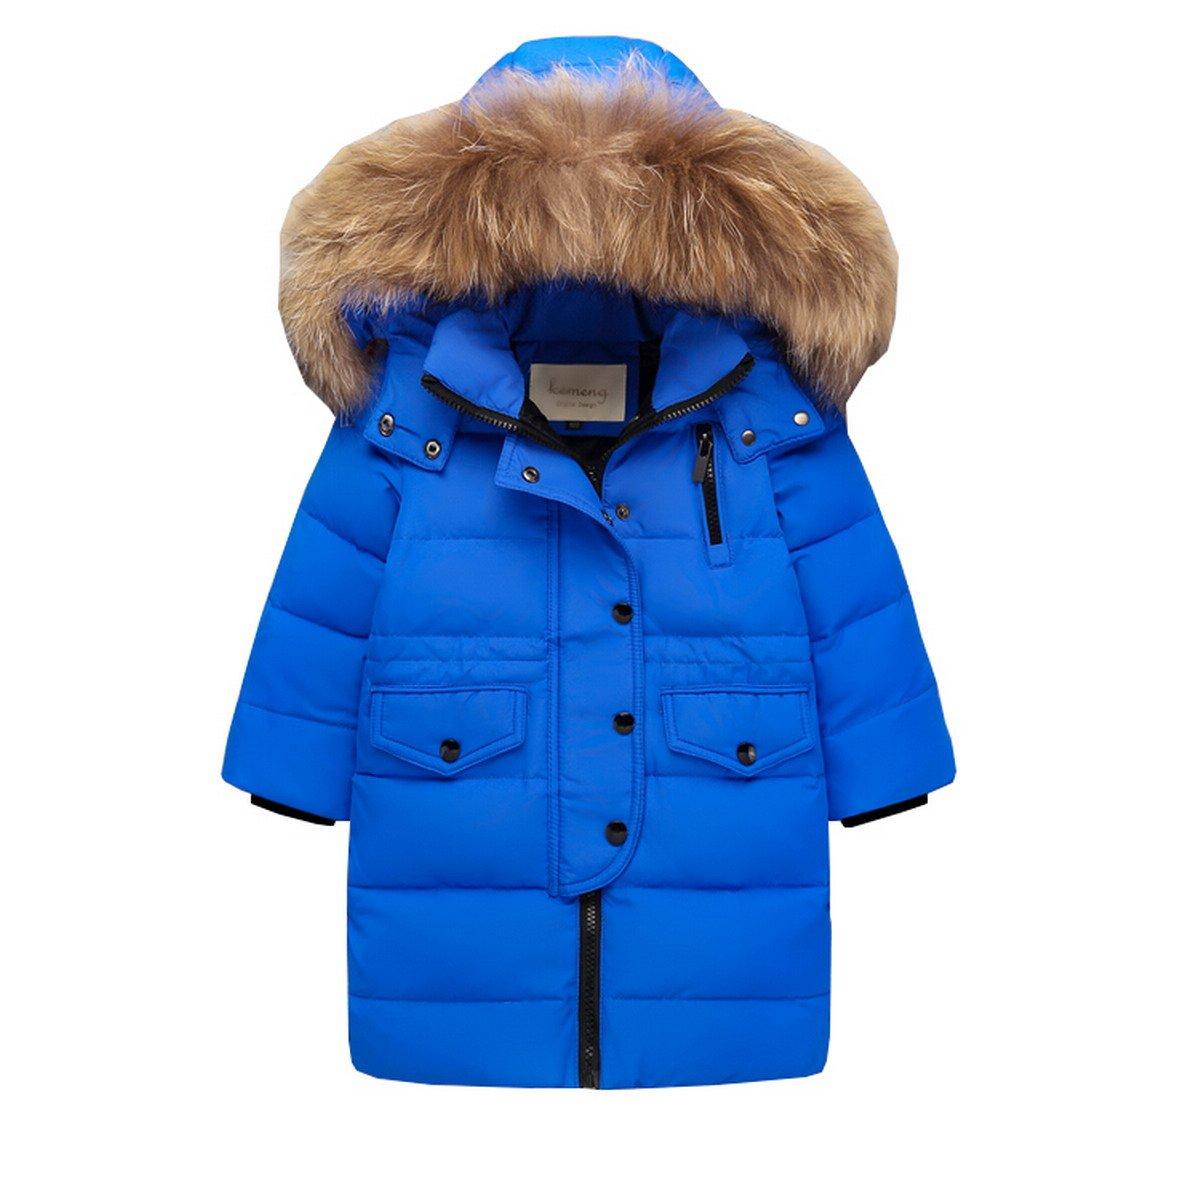 6e53e68ddb119c AHATECH Bambino Giacca Bambina Antivento Spessore Piumino Lungo Cappuccio  Cappotto Ragazzi Snowsuit per Bambini Invernale Piumino nntkdq242-Altro